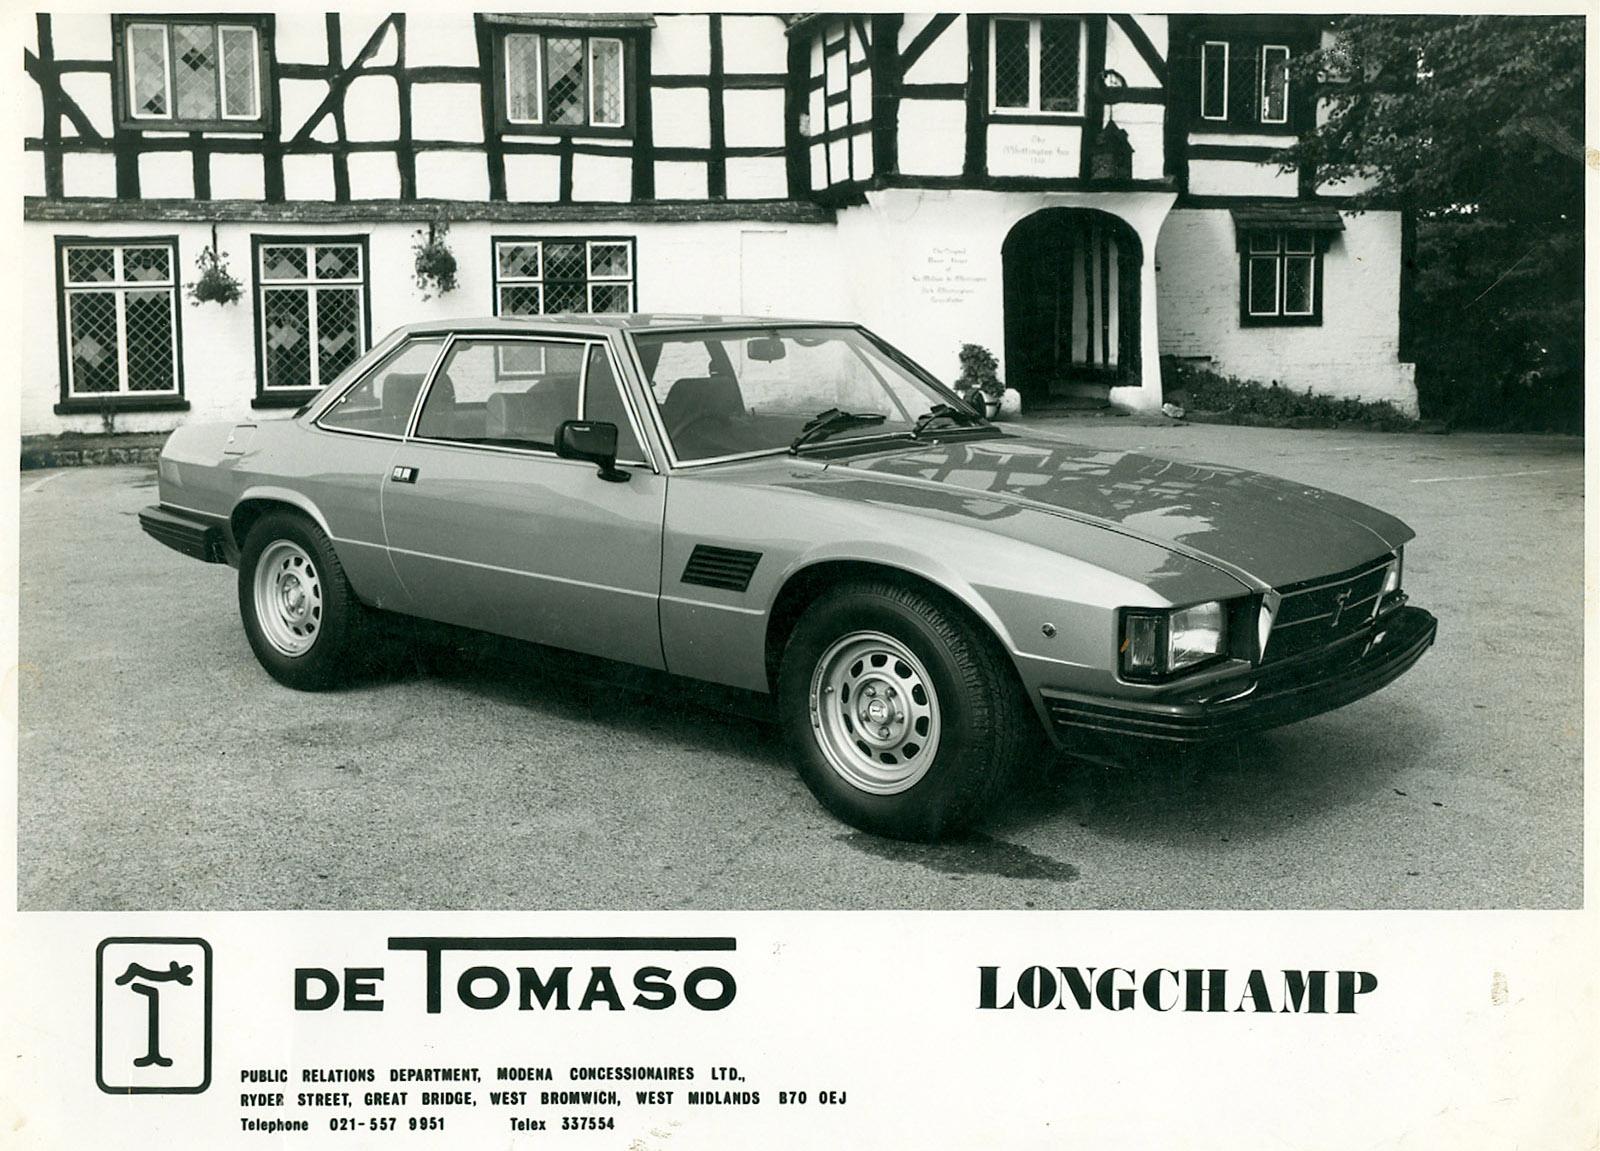 De Tomaso Longchamp 2+2 coupe (Ghia.)